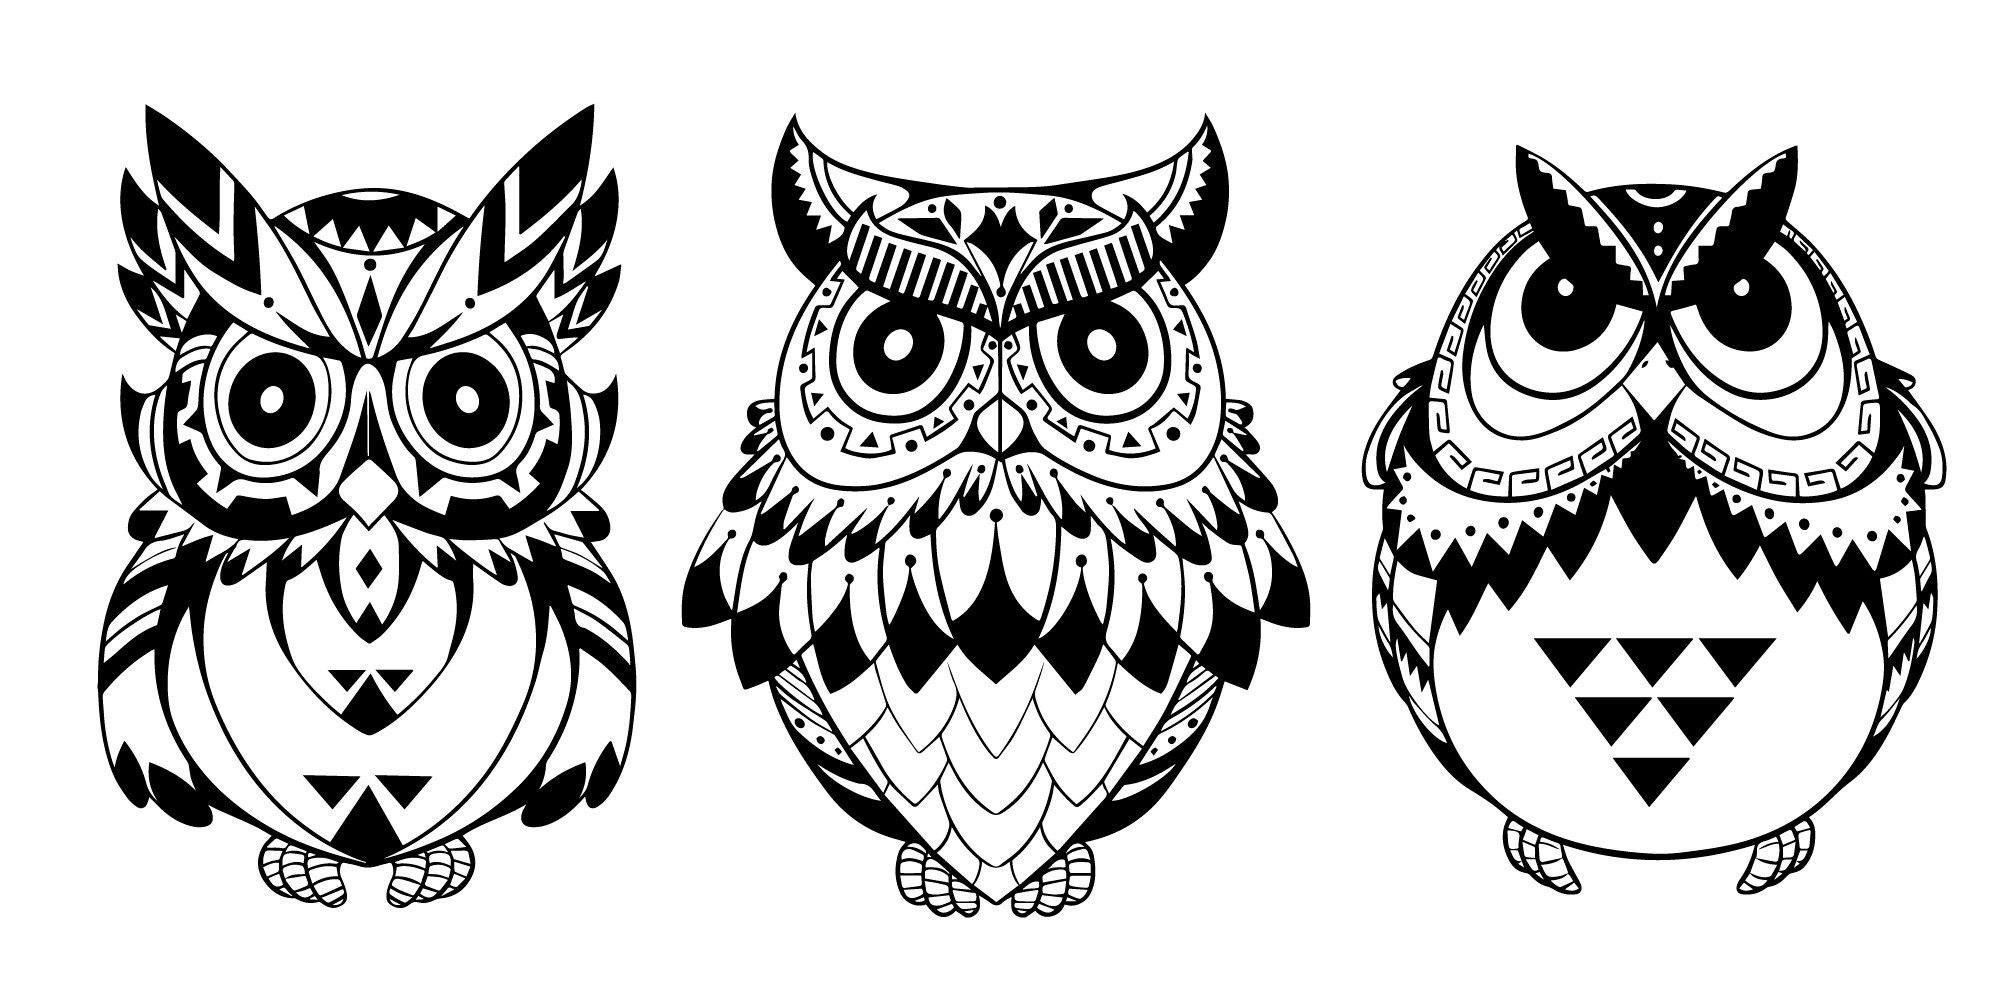 2000x1004 Owls Vector Art Free Vector Download